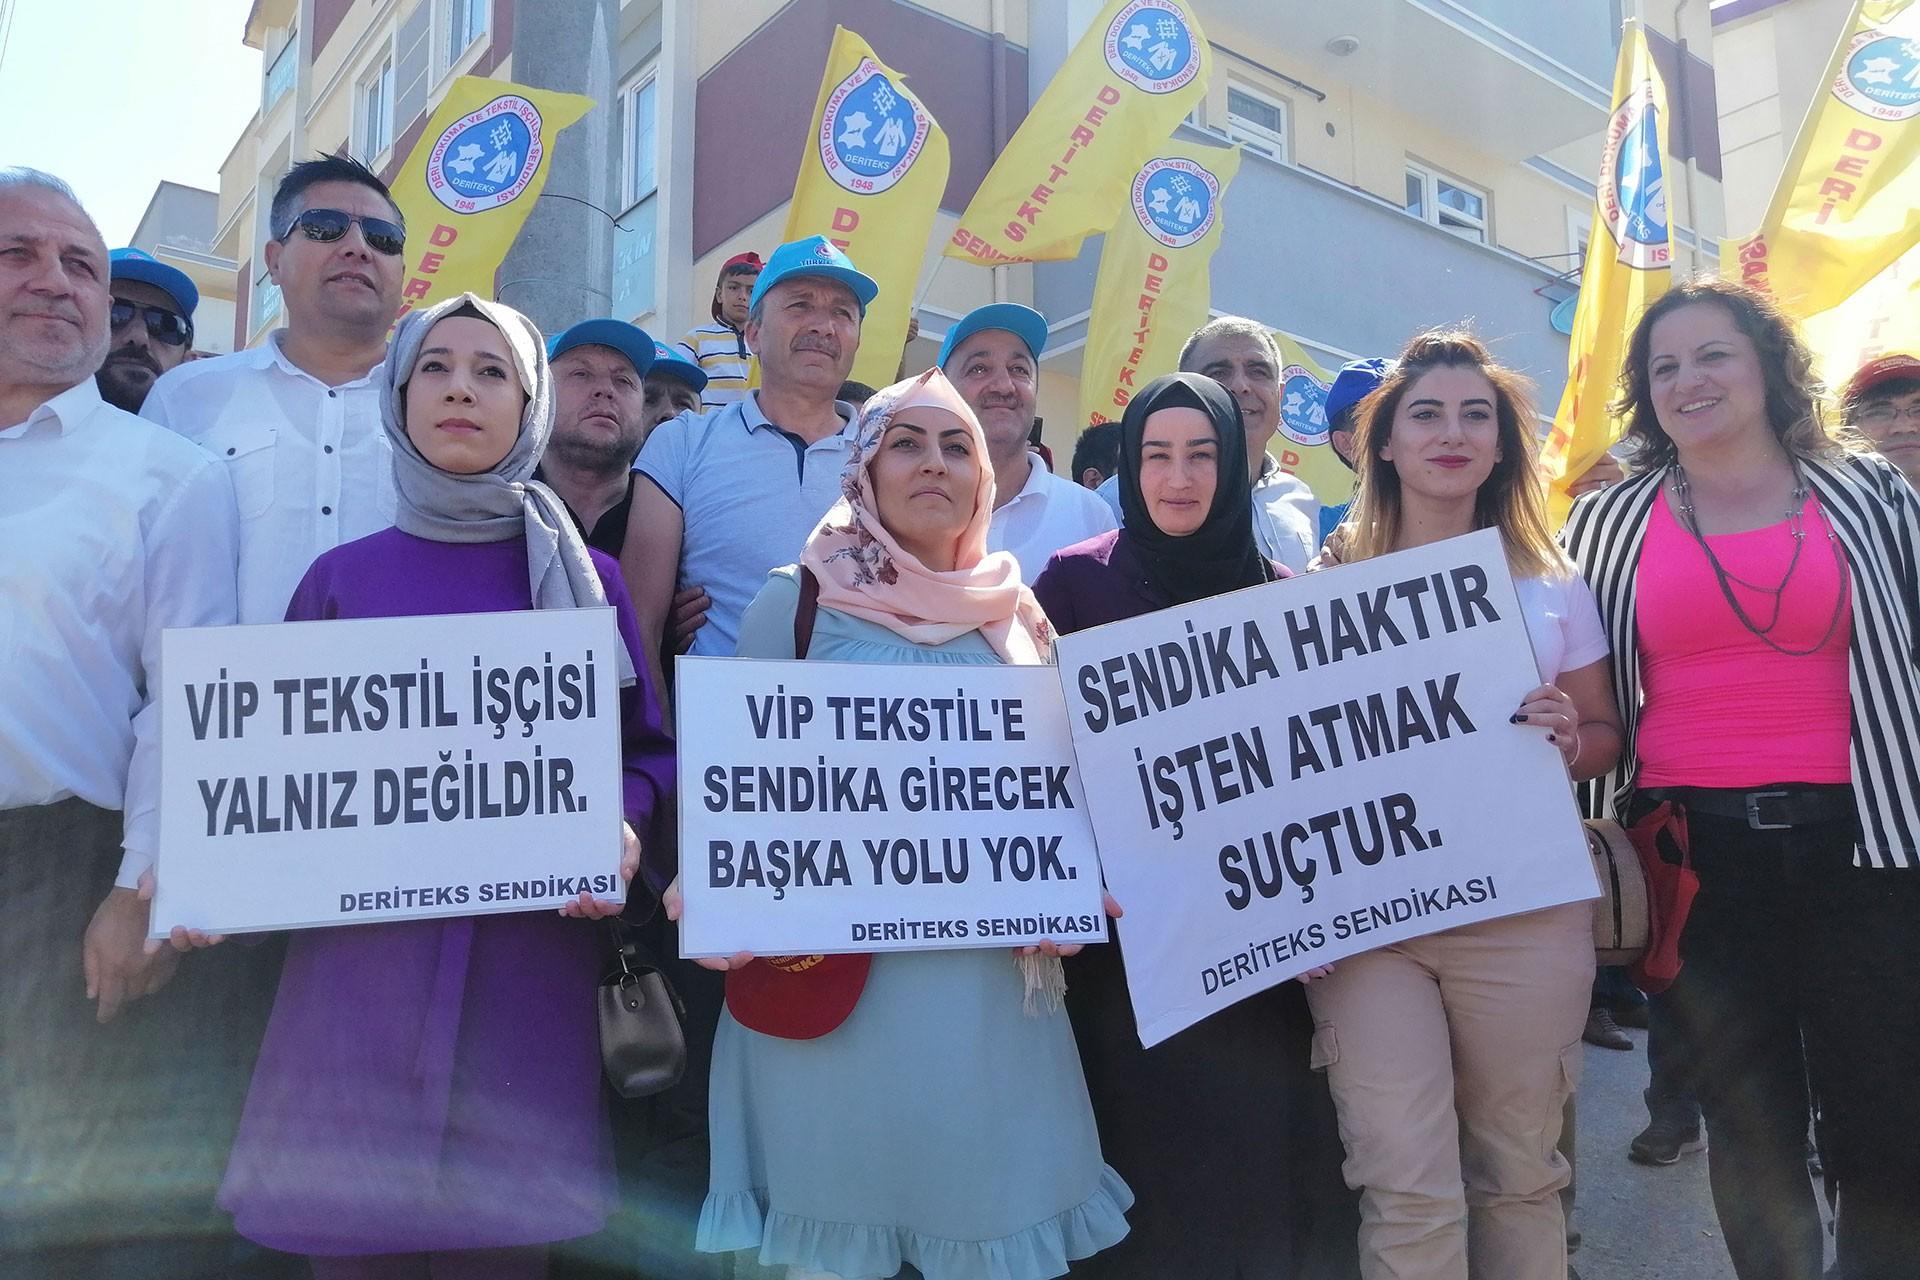 VİP Giyim'de sendikalaşan işçiler işten atıldı